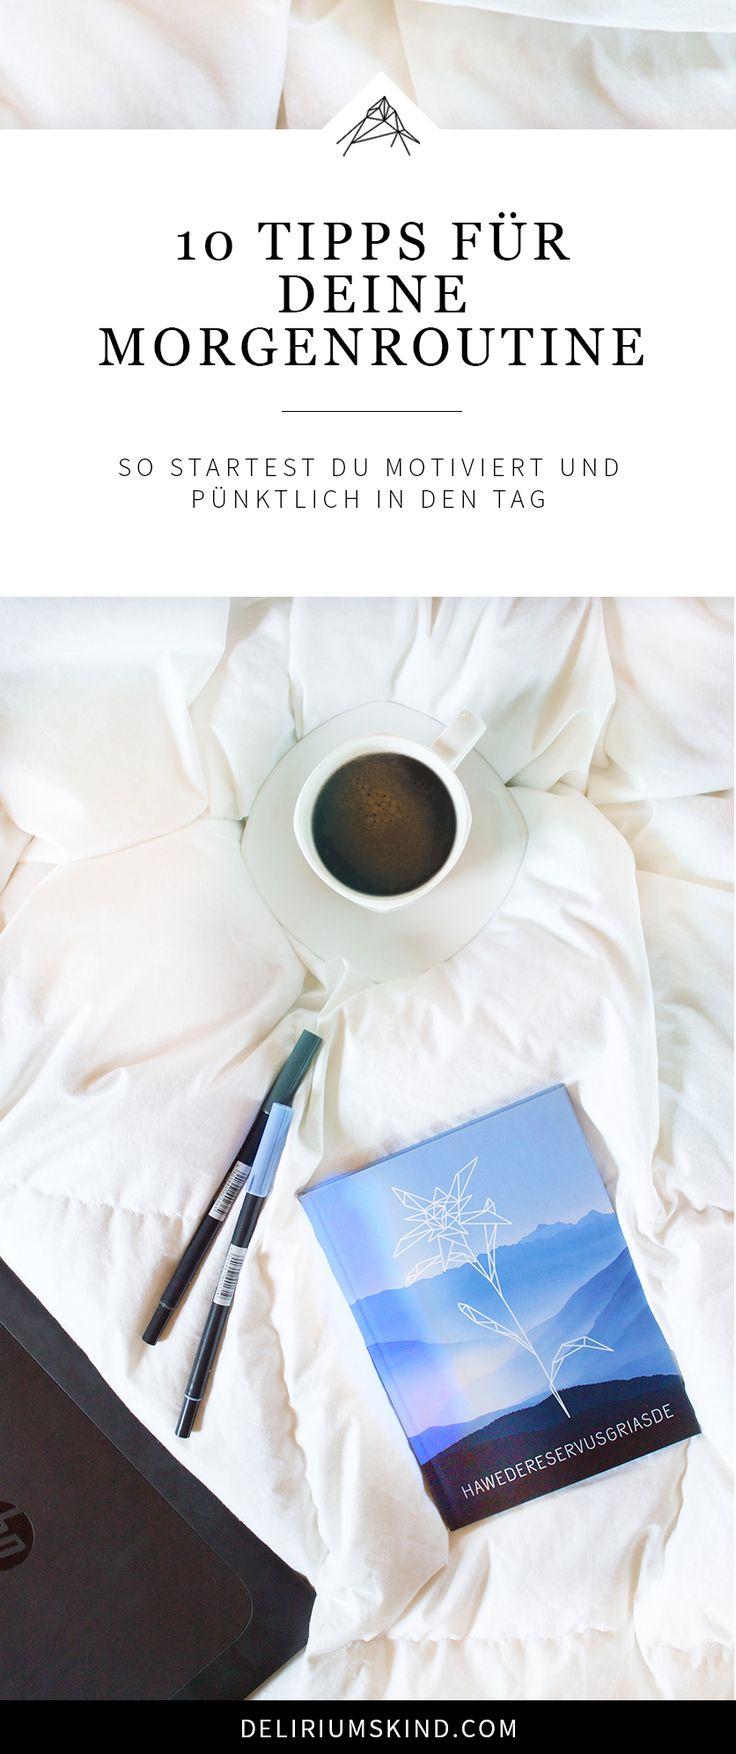 10 geniale Tipps für eine Morgenroutine - so gelingt euch der frühe Start in den Tag genauso wie mir. Wetten, dass euch Sonnenaufgänge auch so gut gefallen?